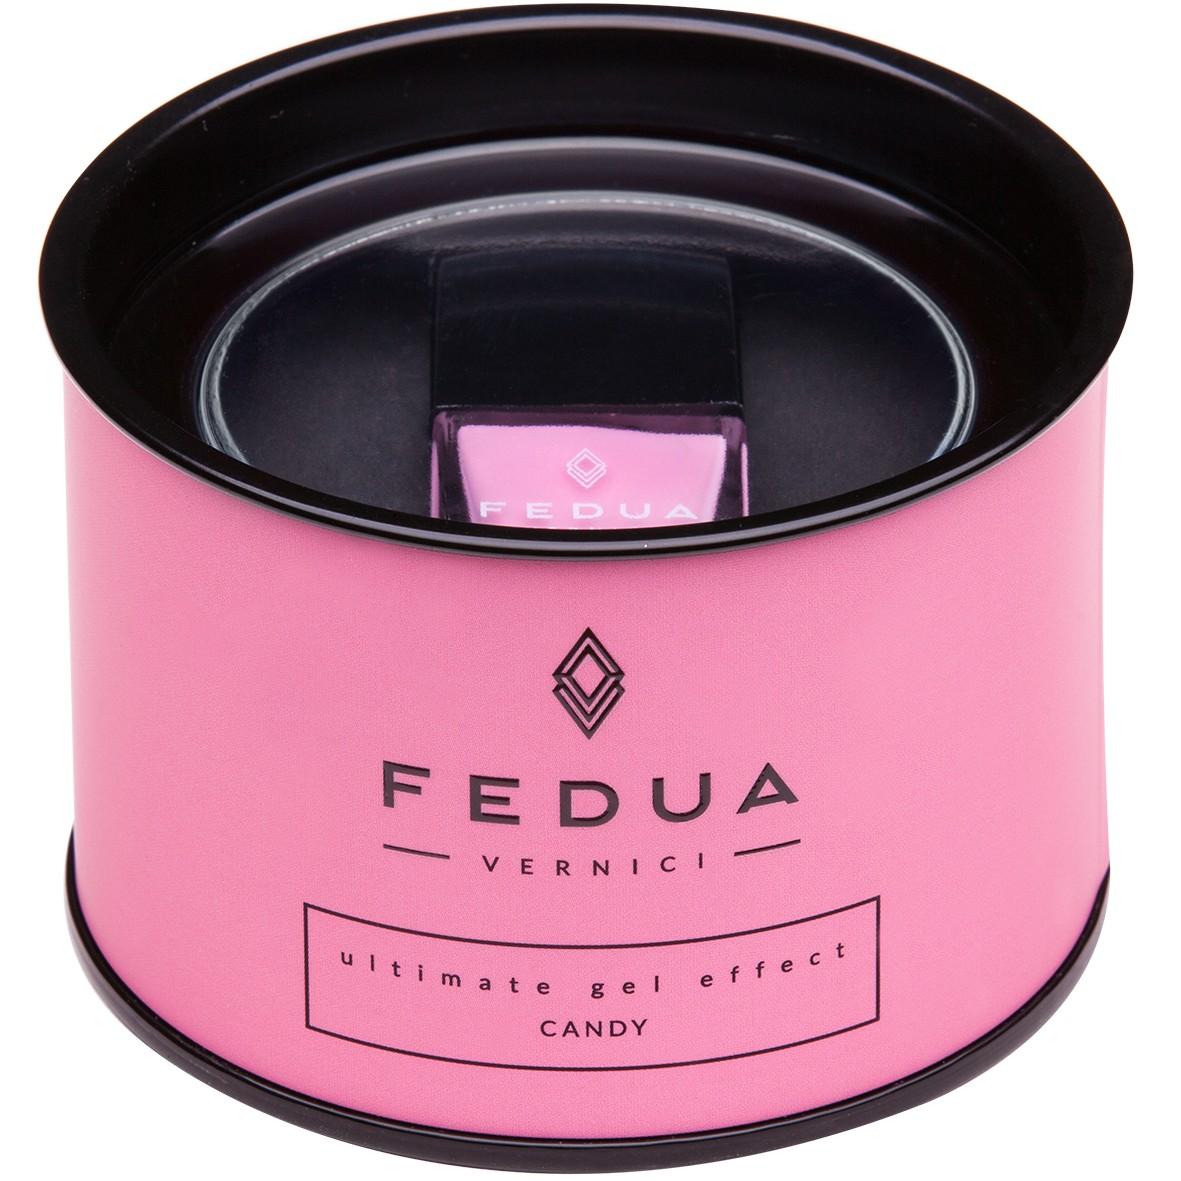 Candy - FEDUA